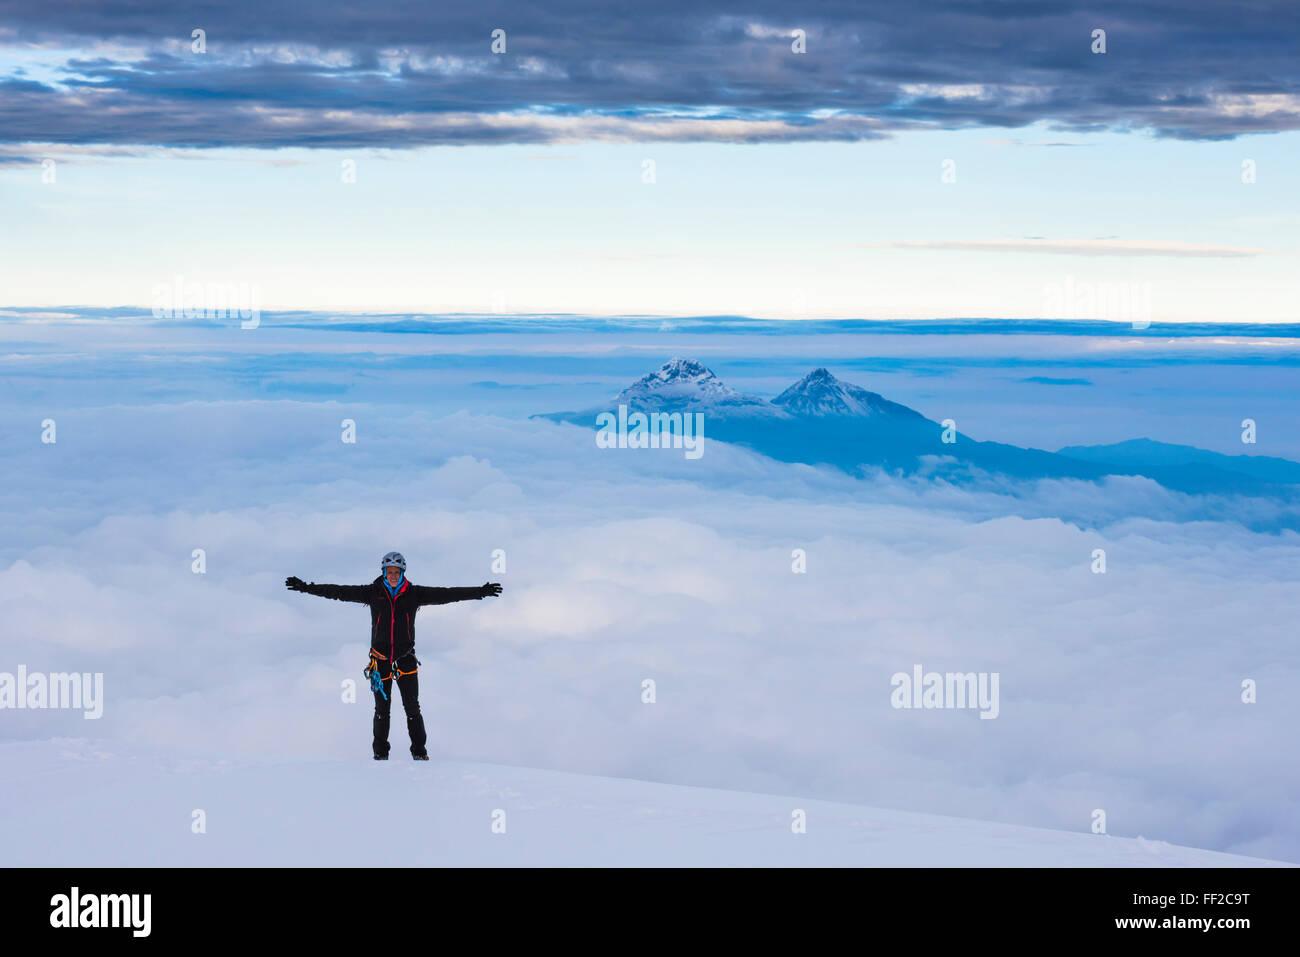 CRMimber sul 5897m vetta del Cotopaxi VoRMcano, provincia di Cotopaxi, Ecuador, Sud America Immagini Stock